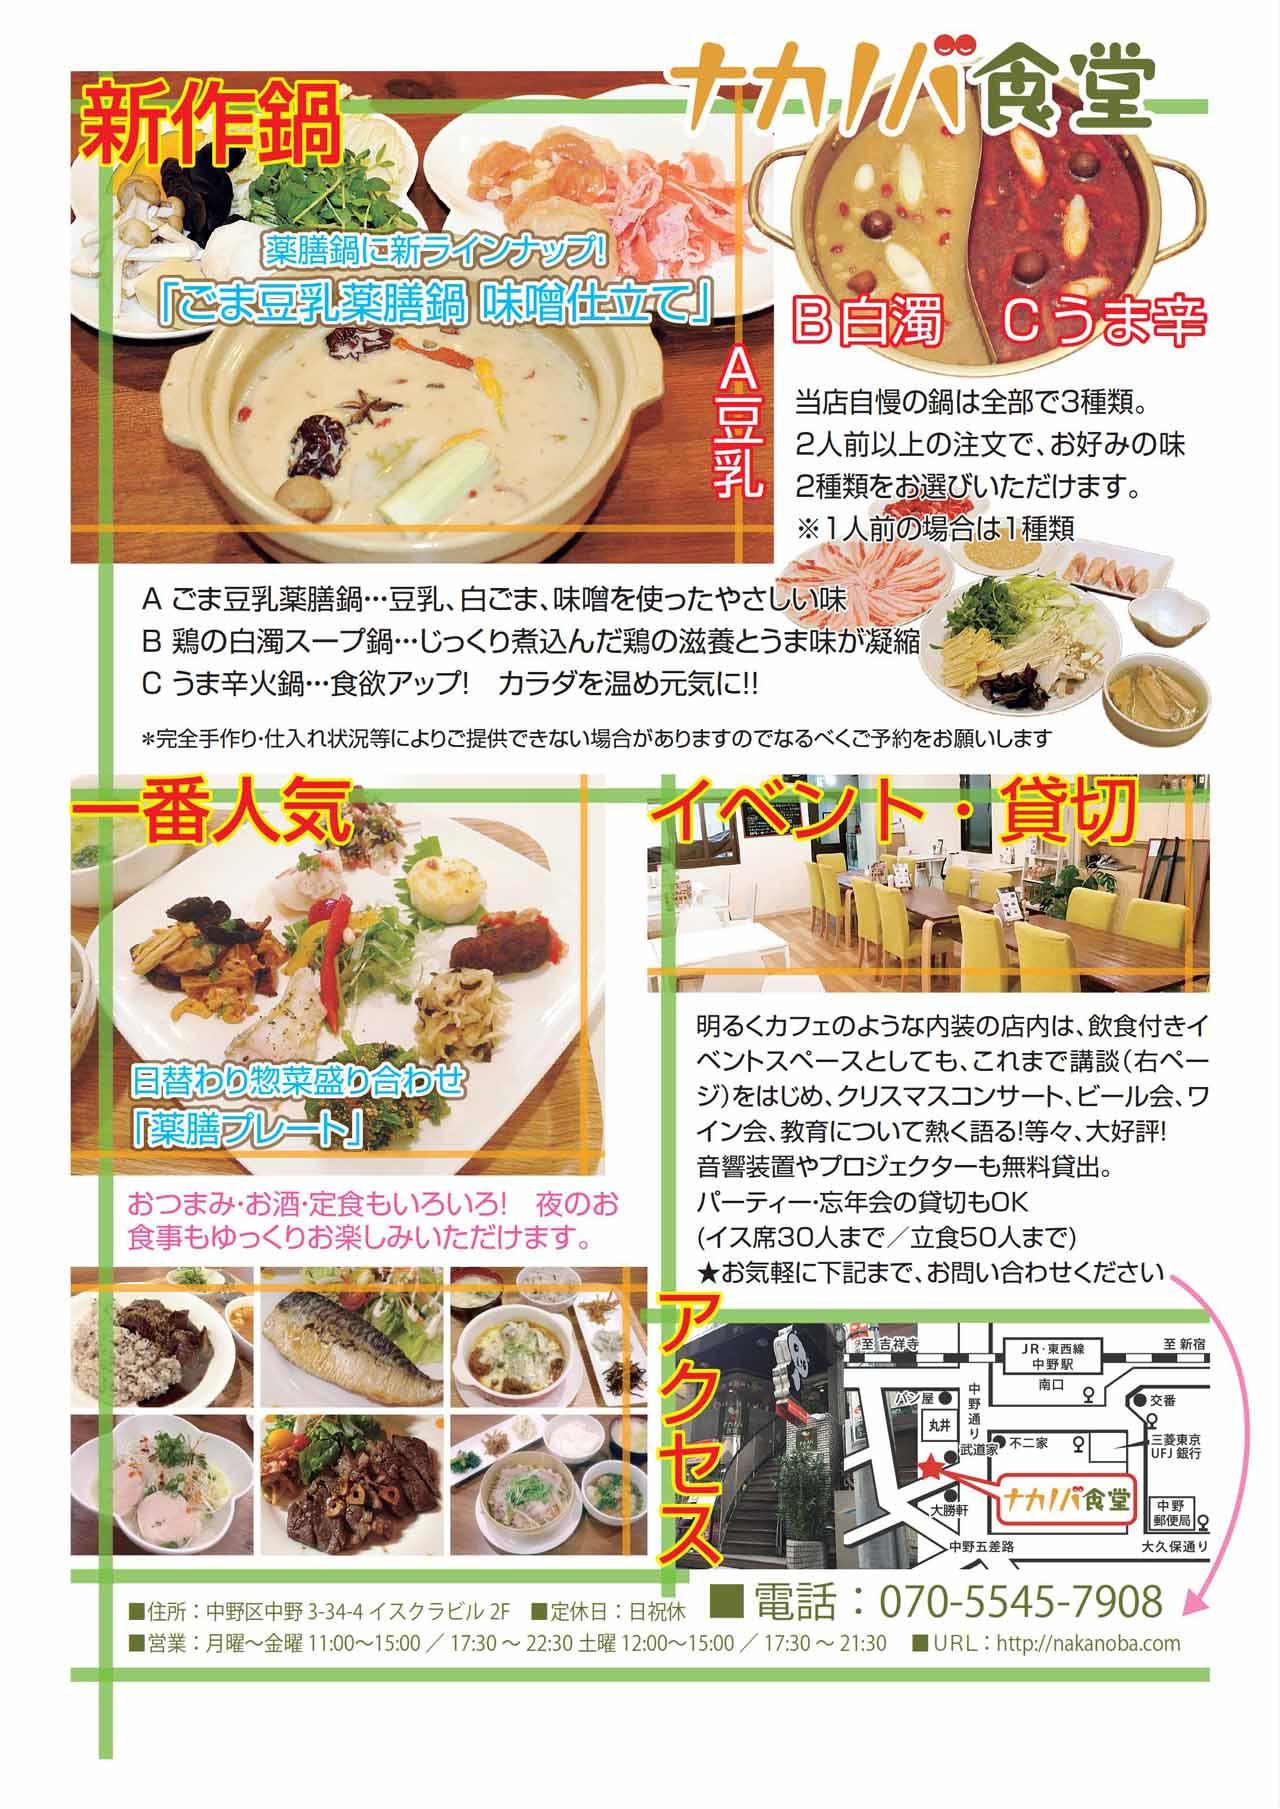 ■ナカノバ食堂